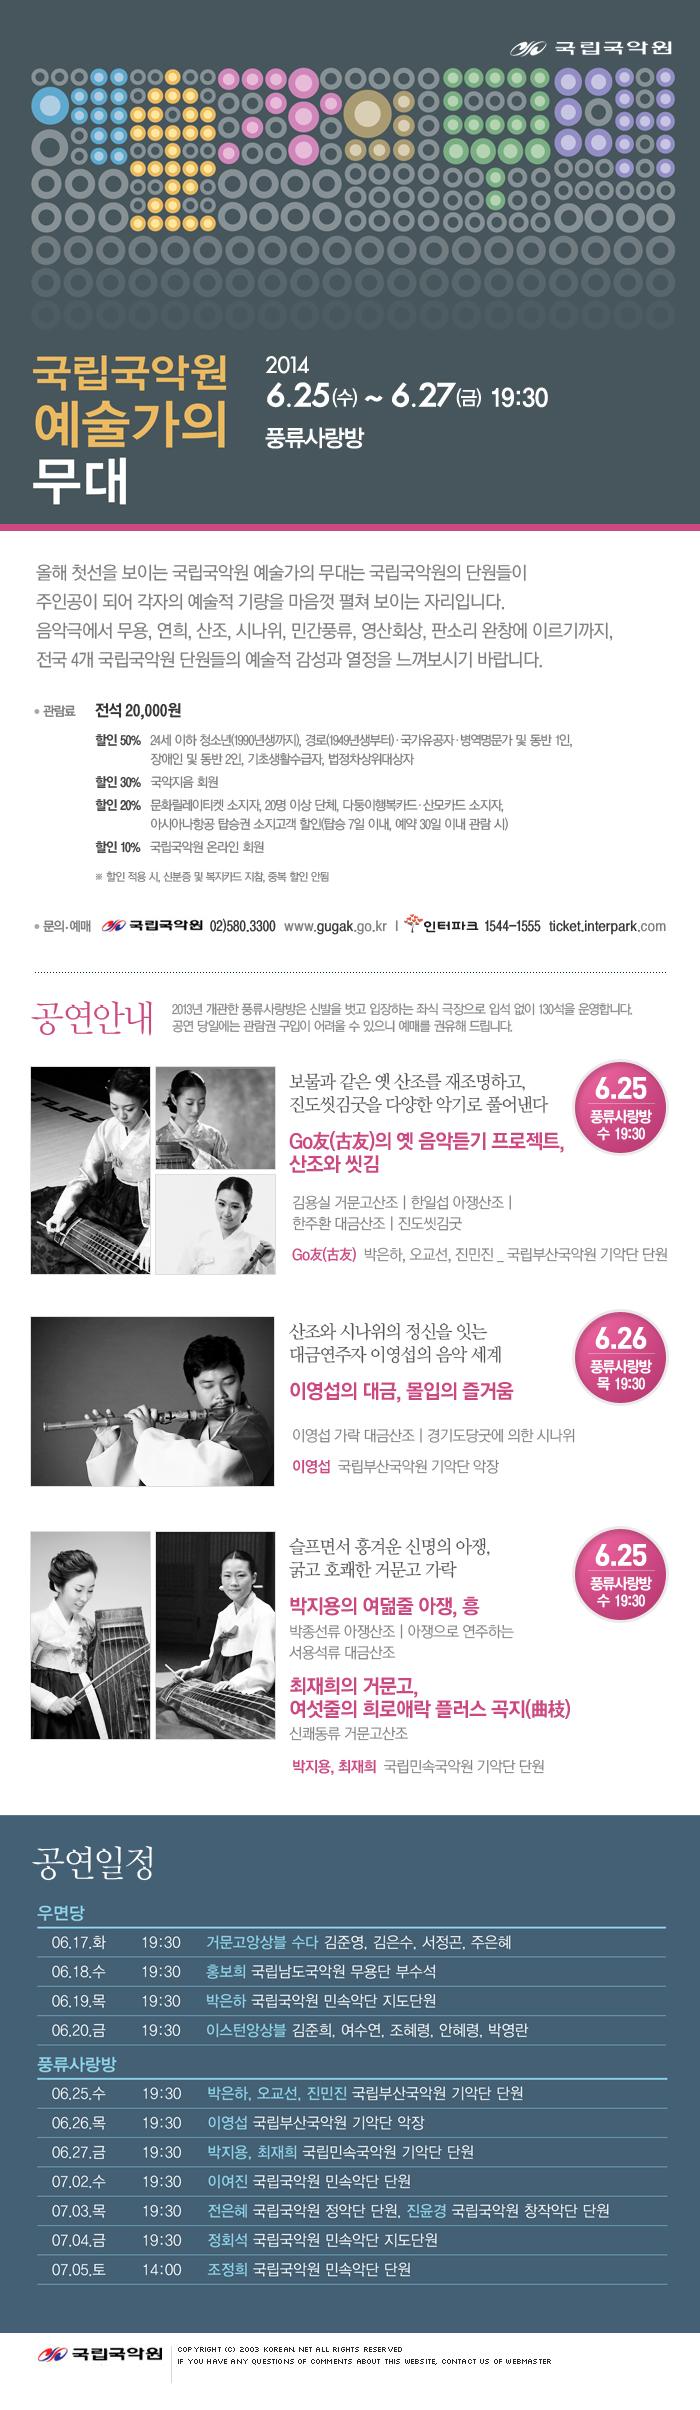 국립국악원 예술가의 무  대